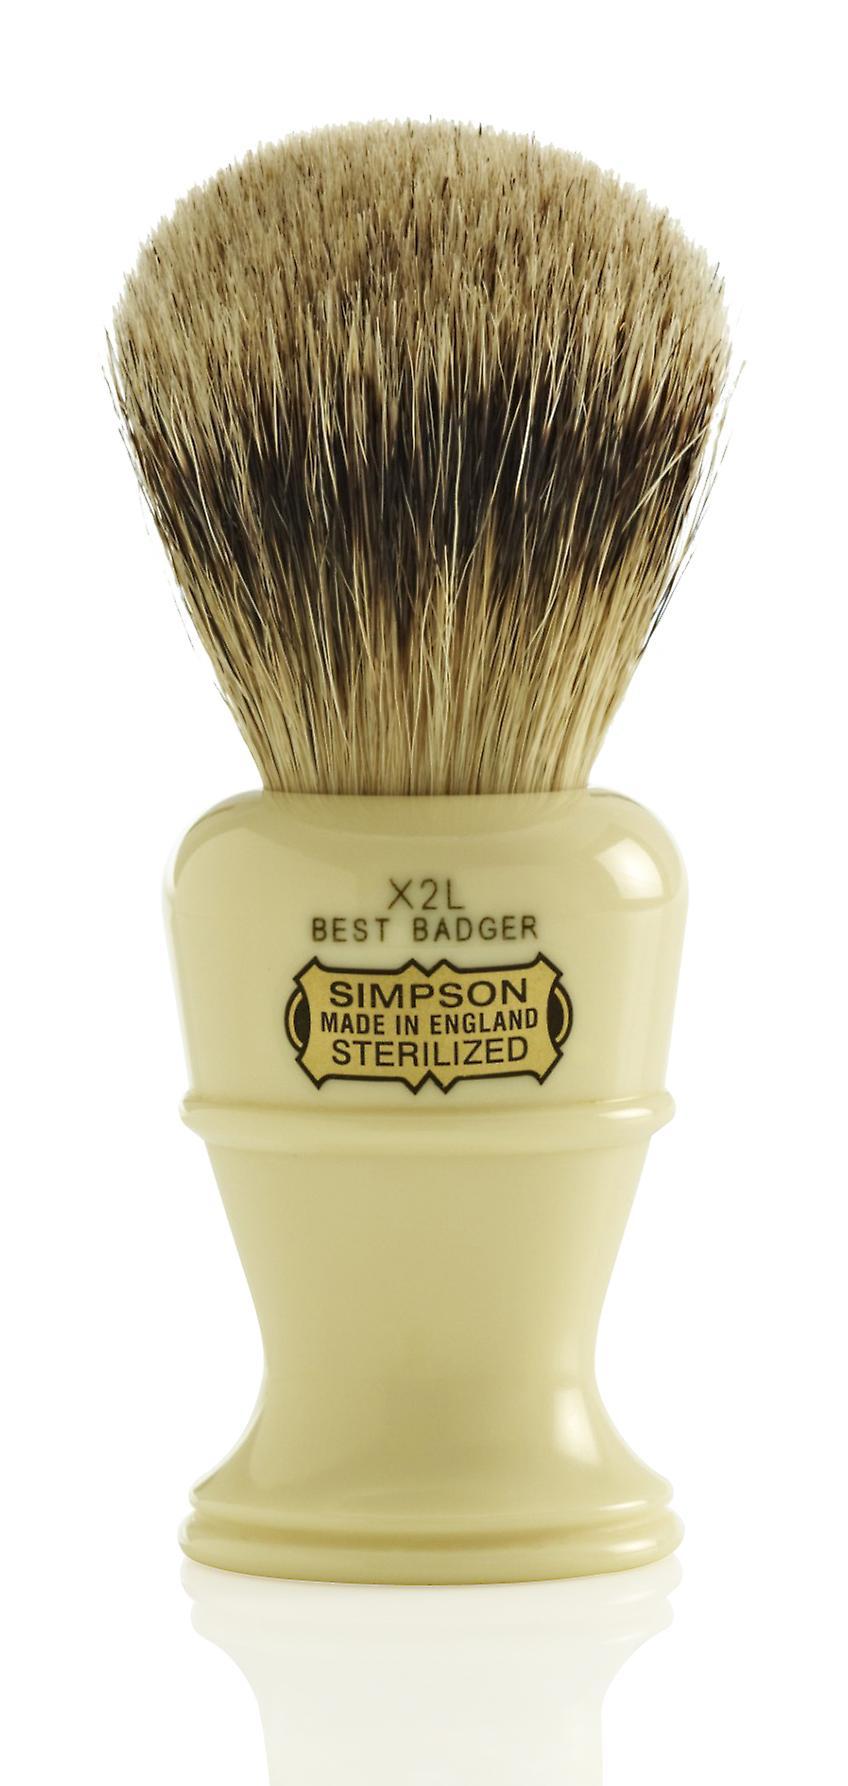 Simpsons Colonel Best Badger Shaving Brush